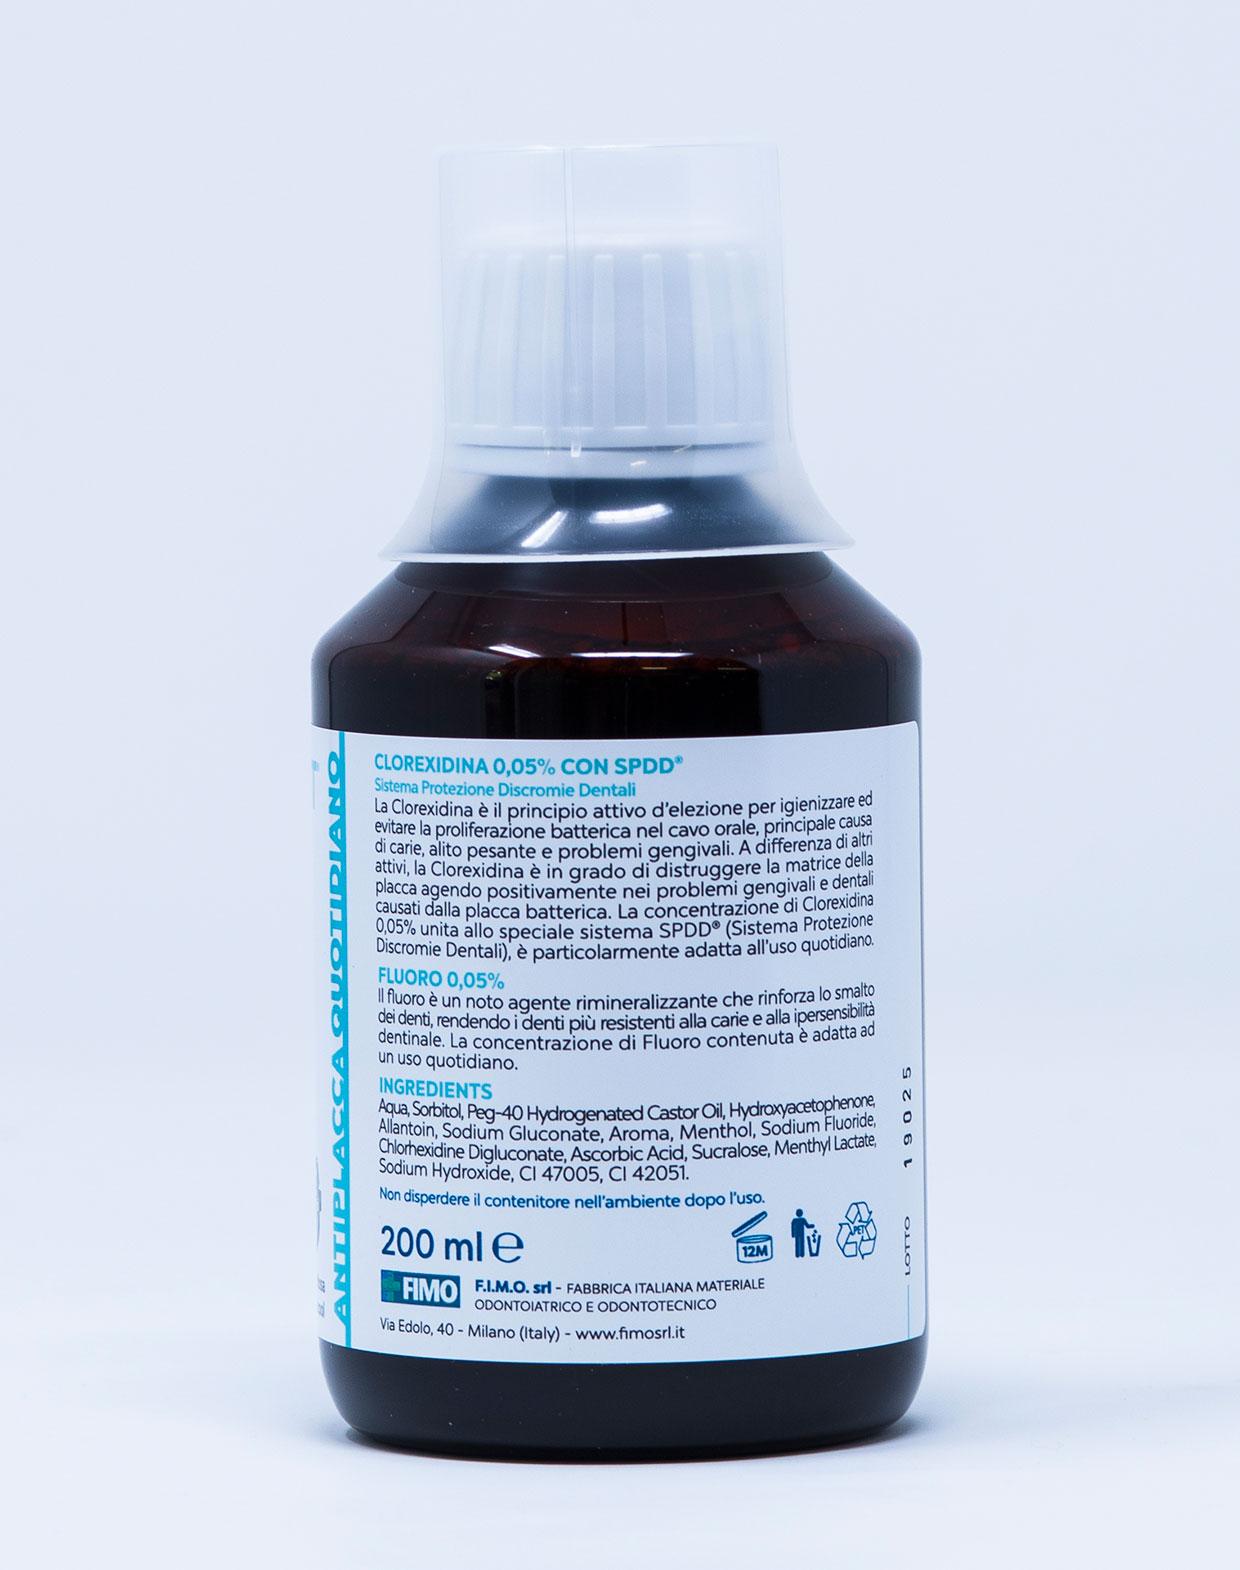 Fimo FimoDent Collutorio Antiplacca Quotidiano CHX 0,05% + Fluoro 0,05% - 200 ml